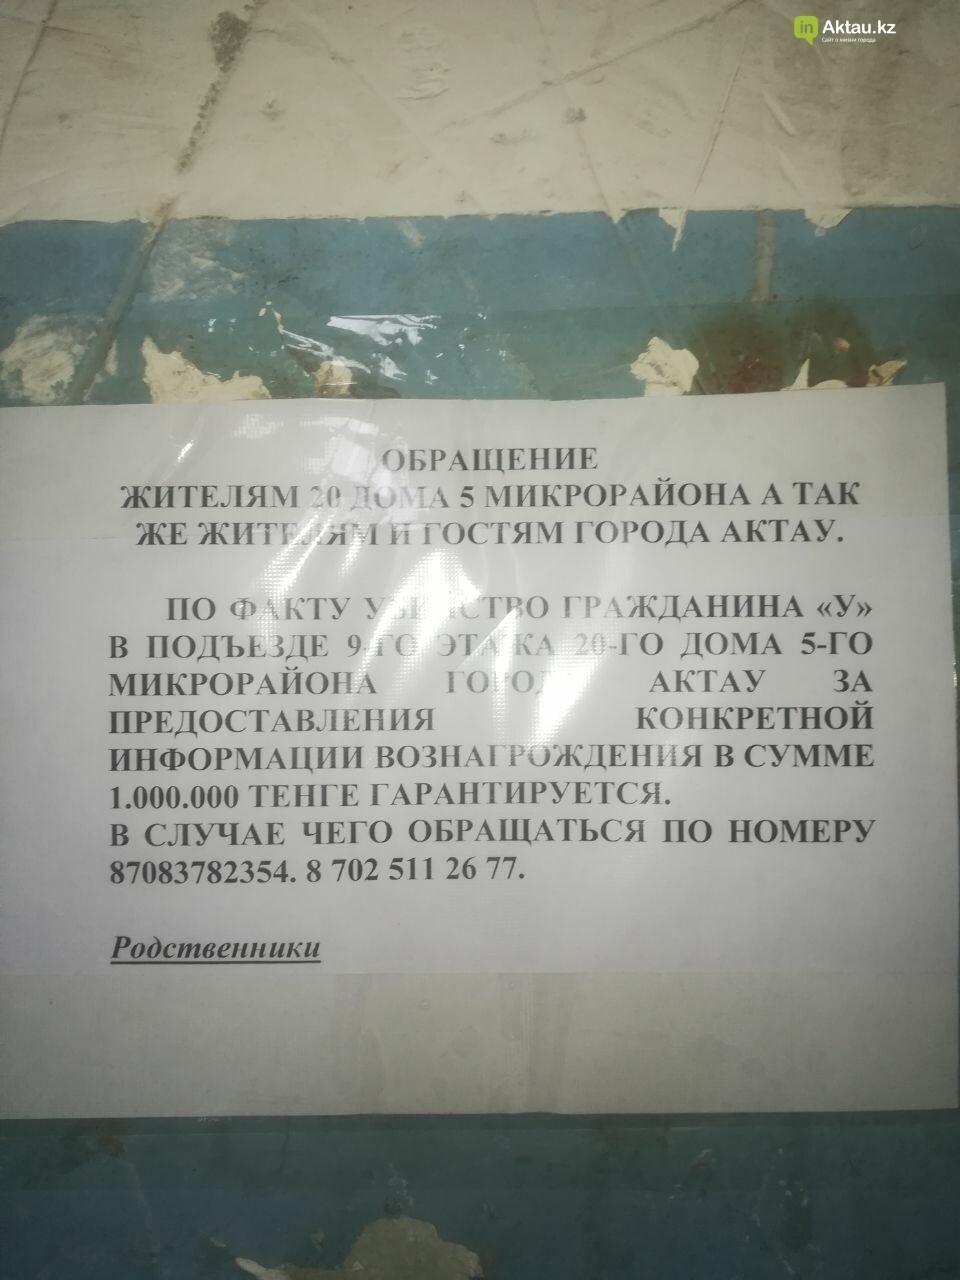 Родственники убитого в Актау мужчины обещают 1 млн тенге за достоверную информацию, фото-1